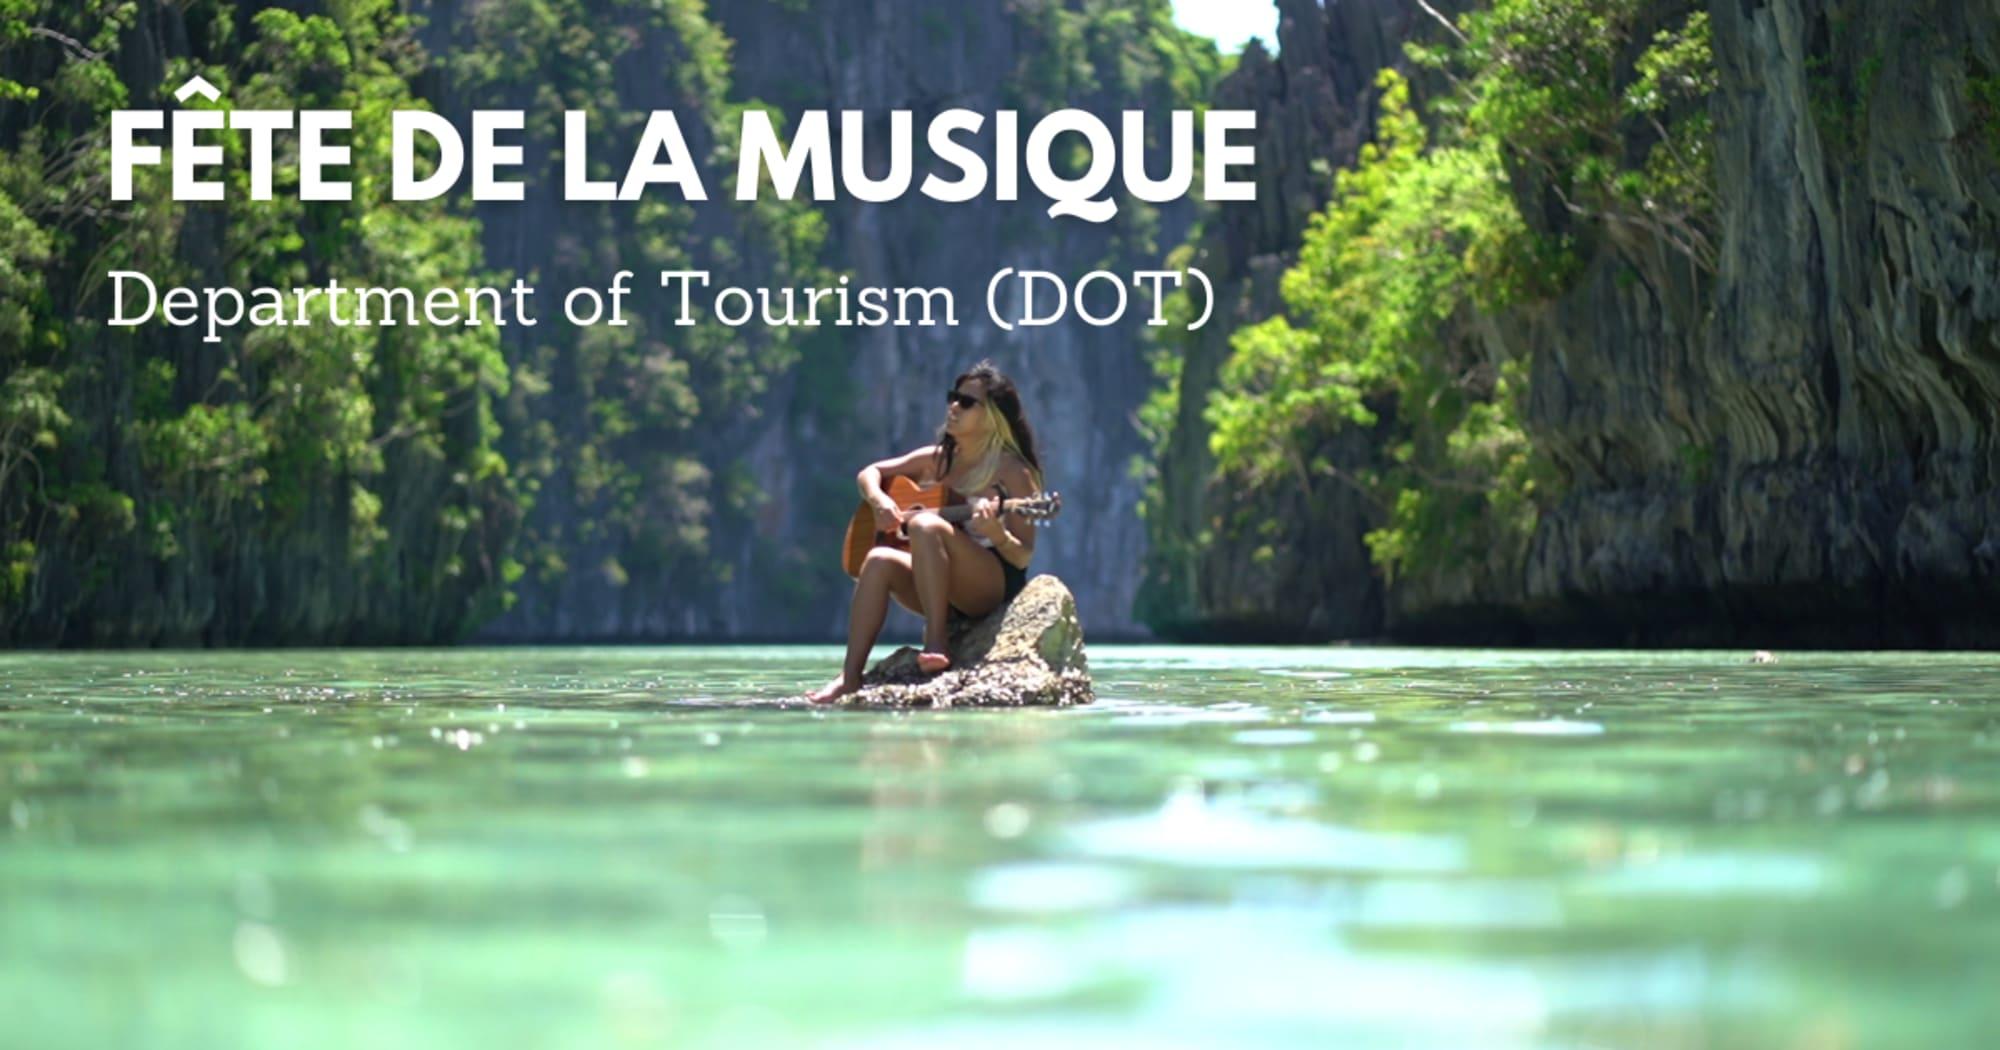 DOT invites everyone to join the Fête de la Musique 2021!